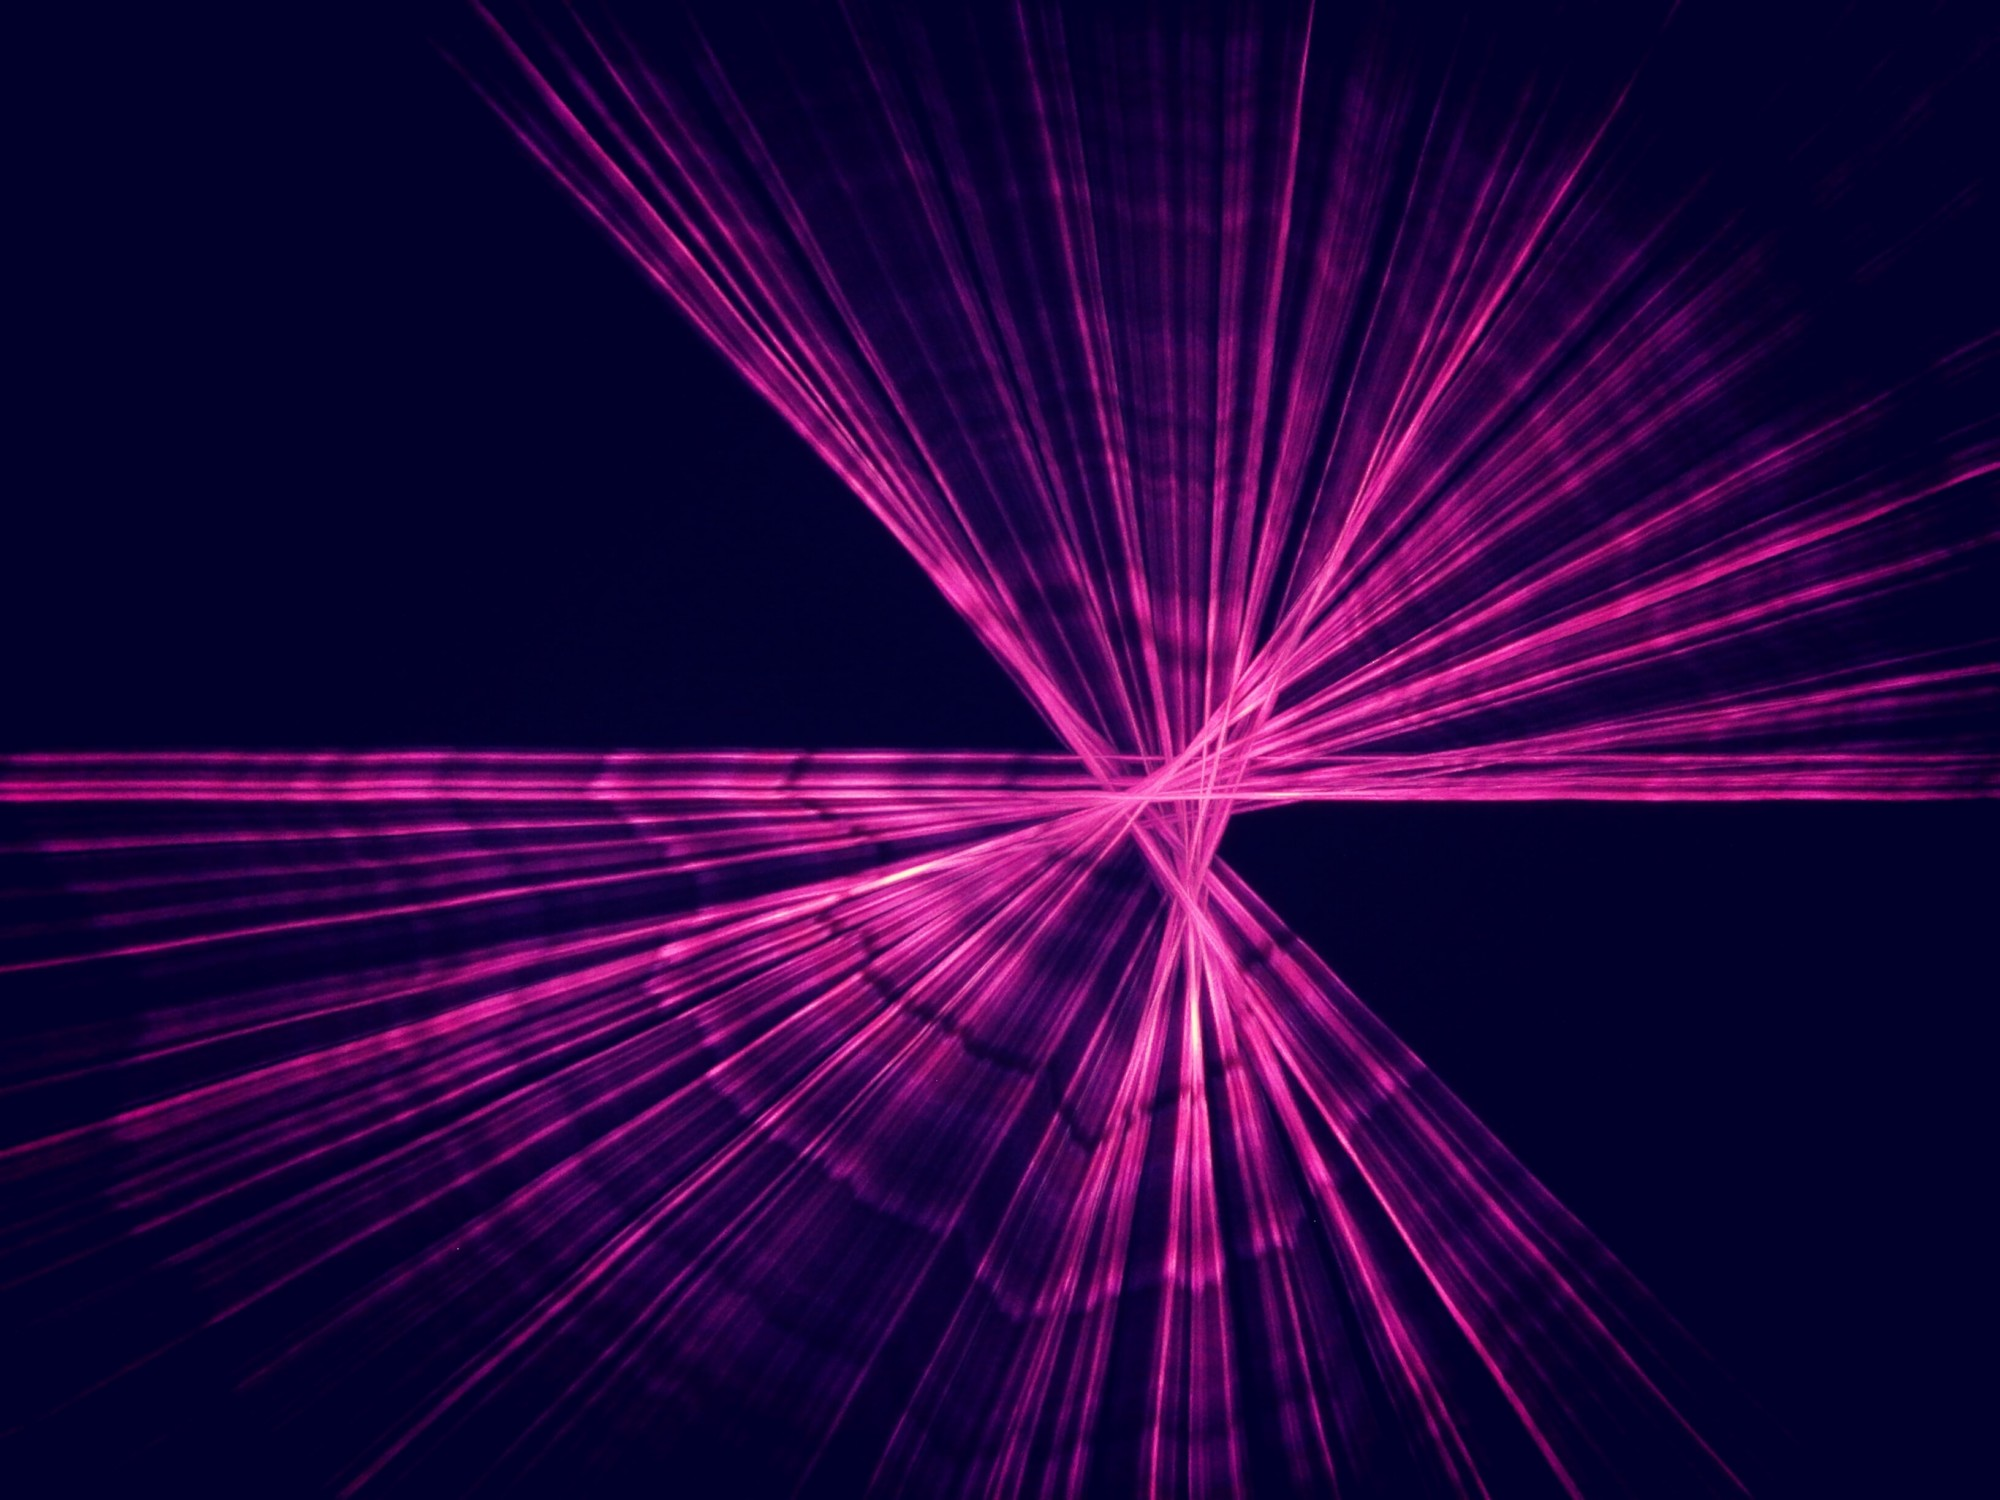 Laser; Erfan Afshari auf unsplash